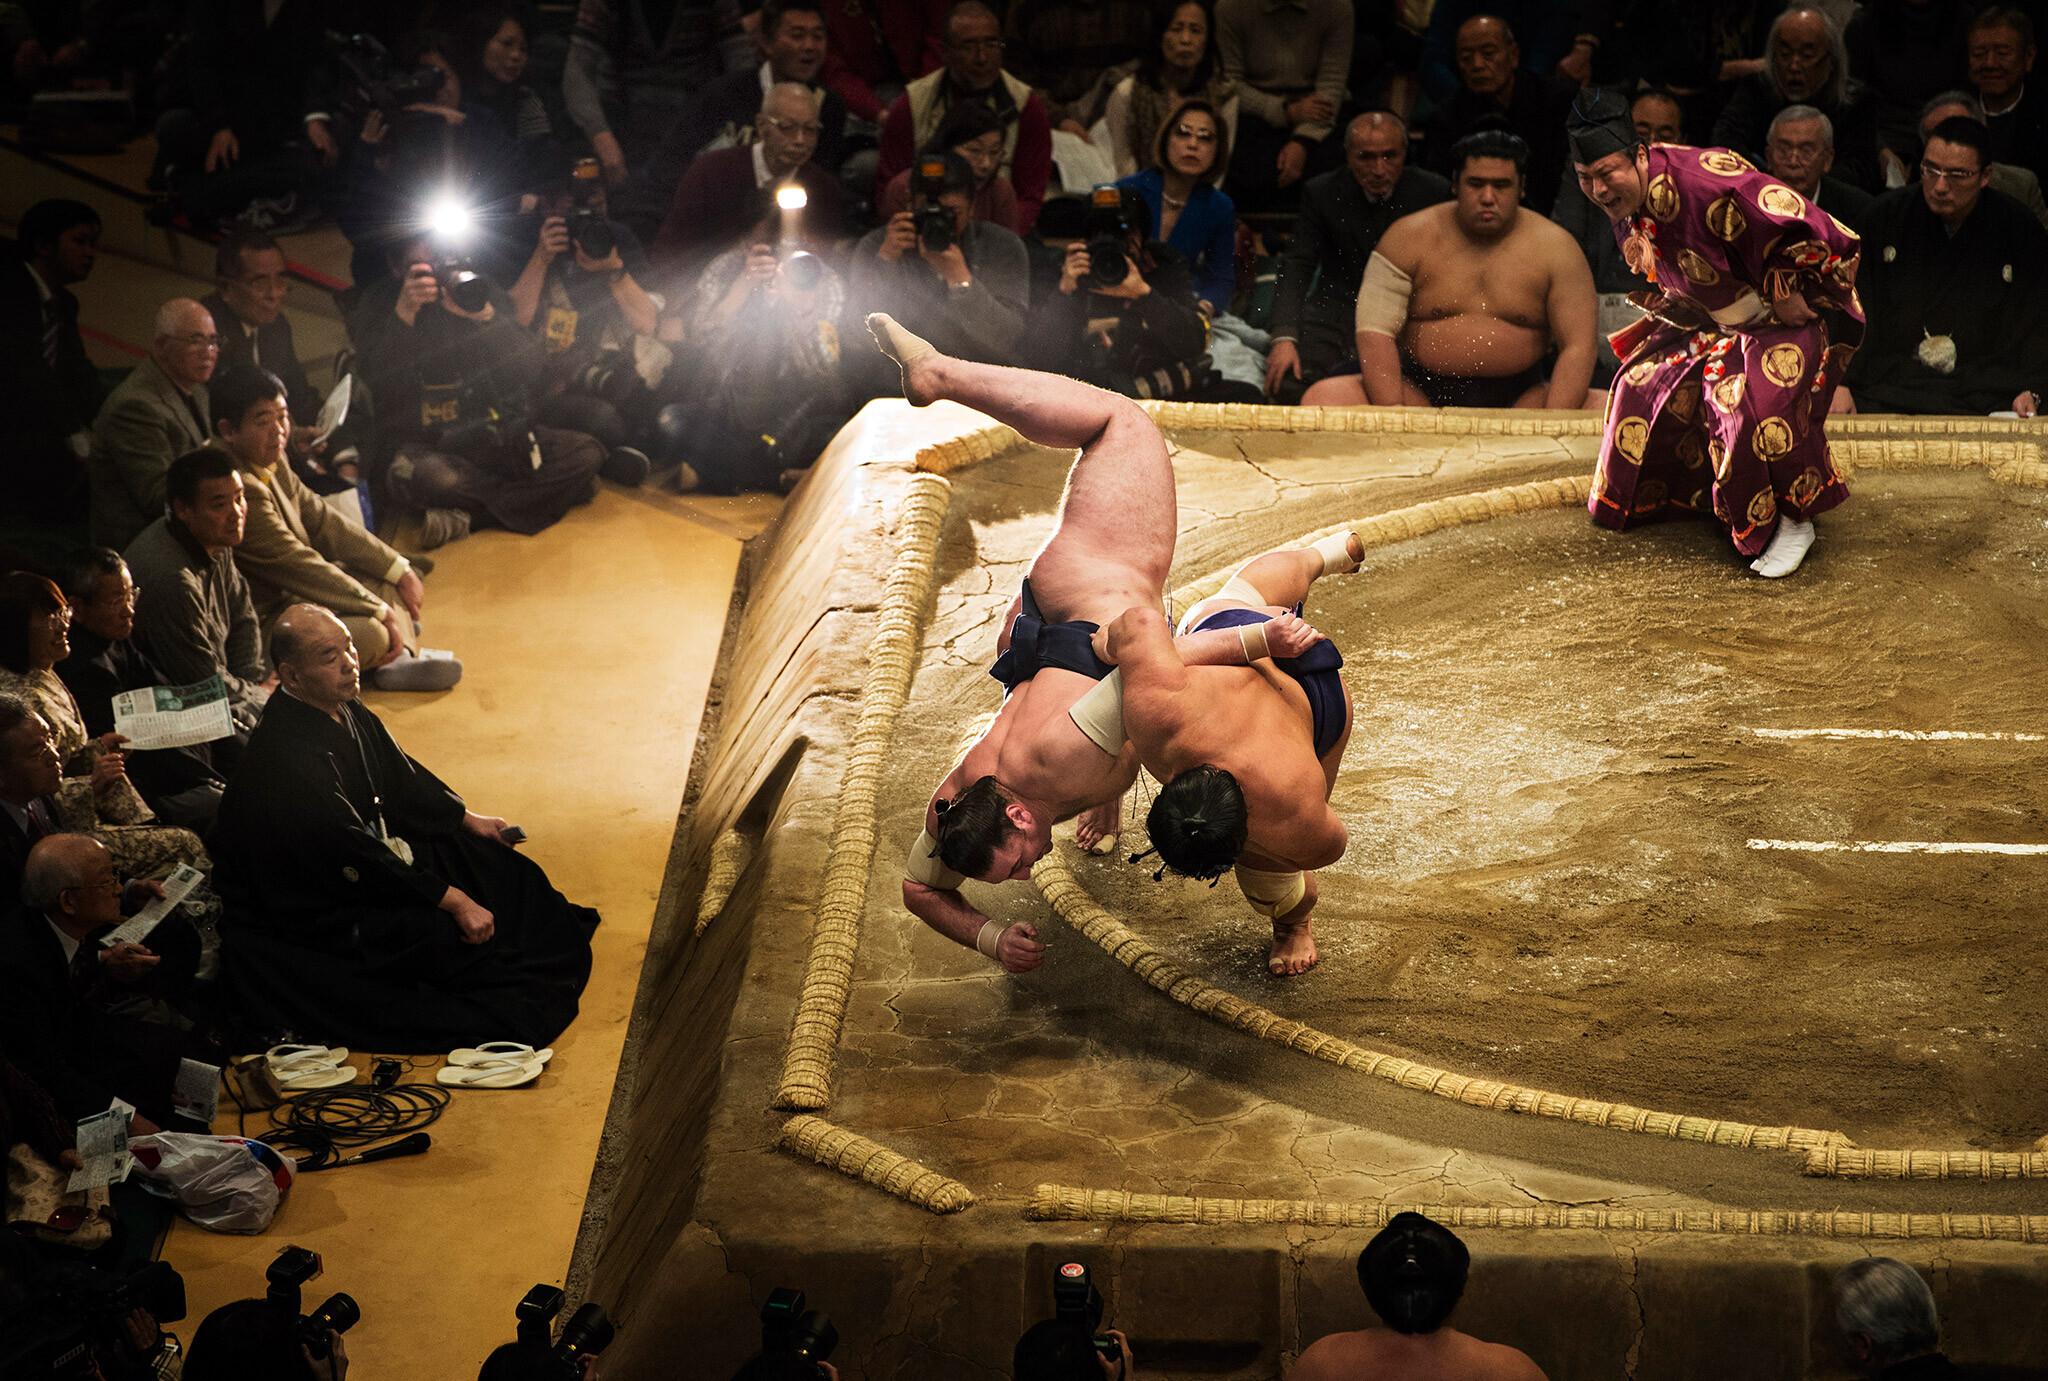 Бросок сумо. Фотограф Джоэл Марклунд